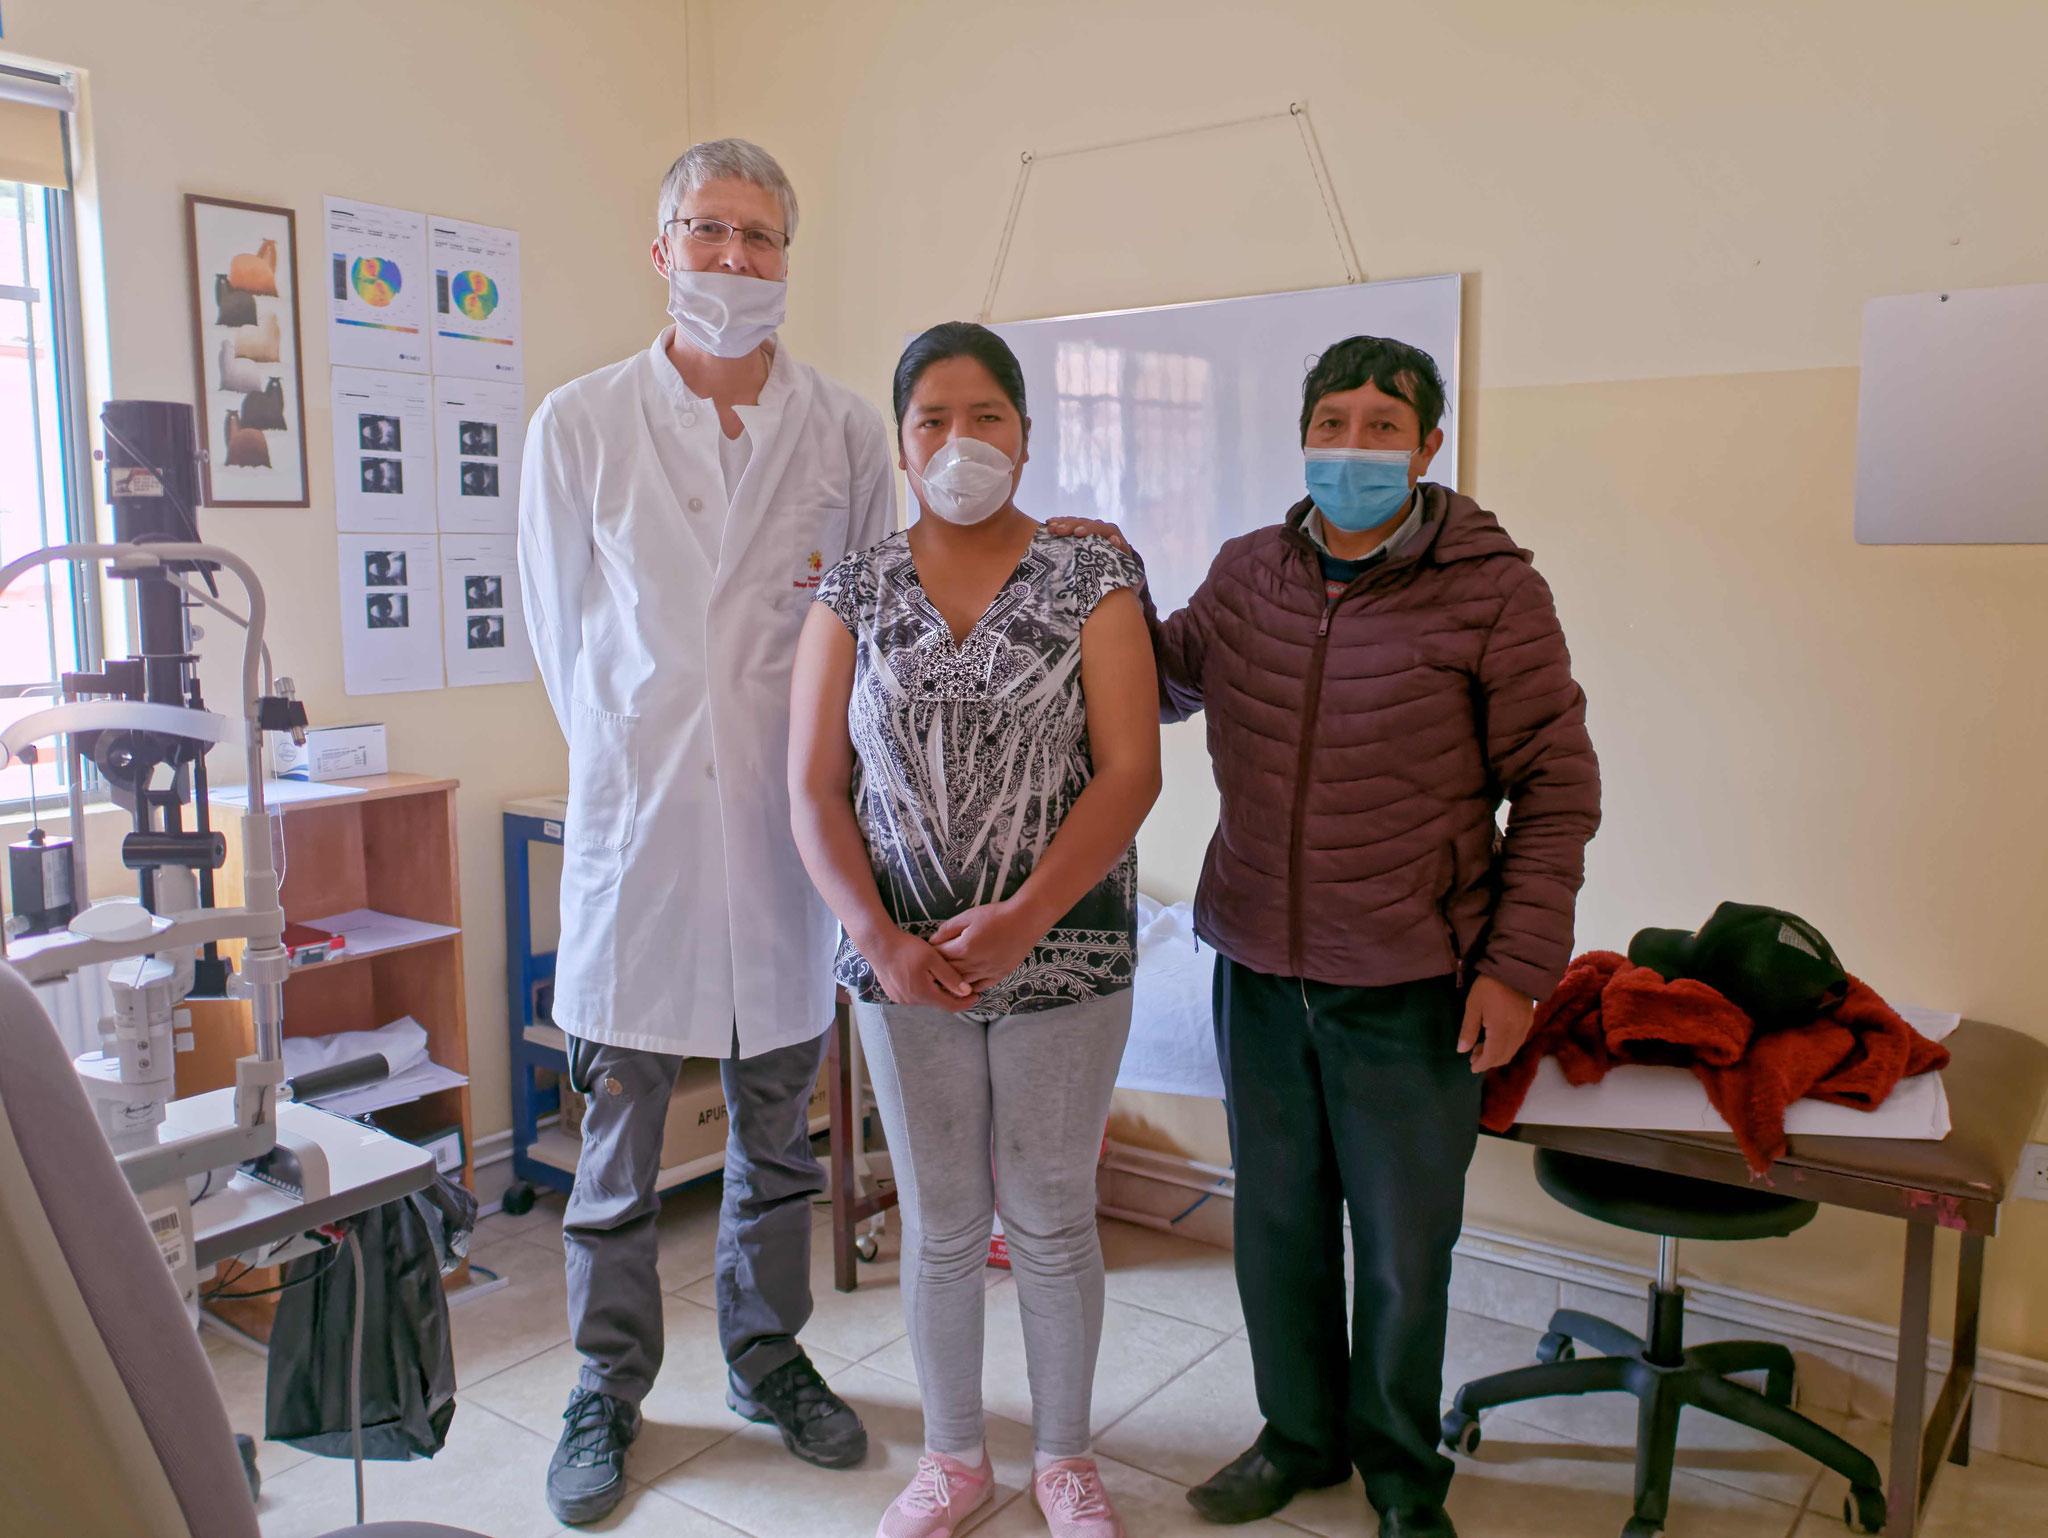 Gruppenfoto mit der Patientin und ihrem Vater - Gruß und Dank an alle Helfer und Unterstützer!